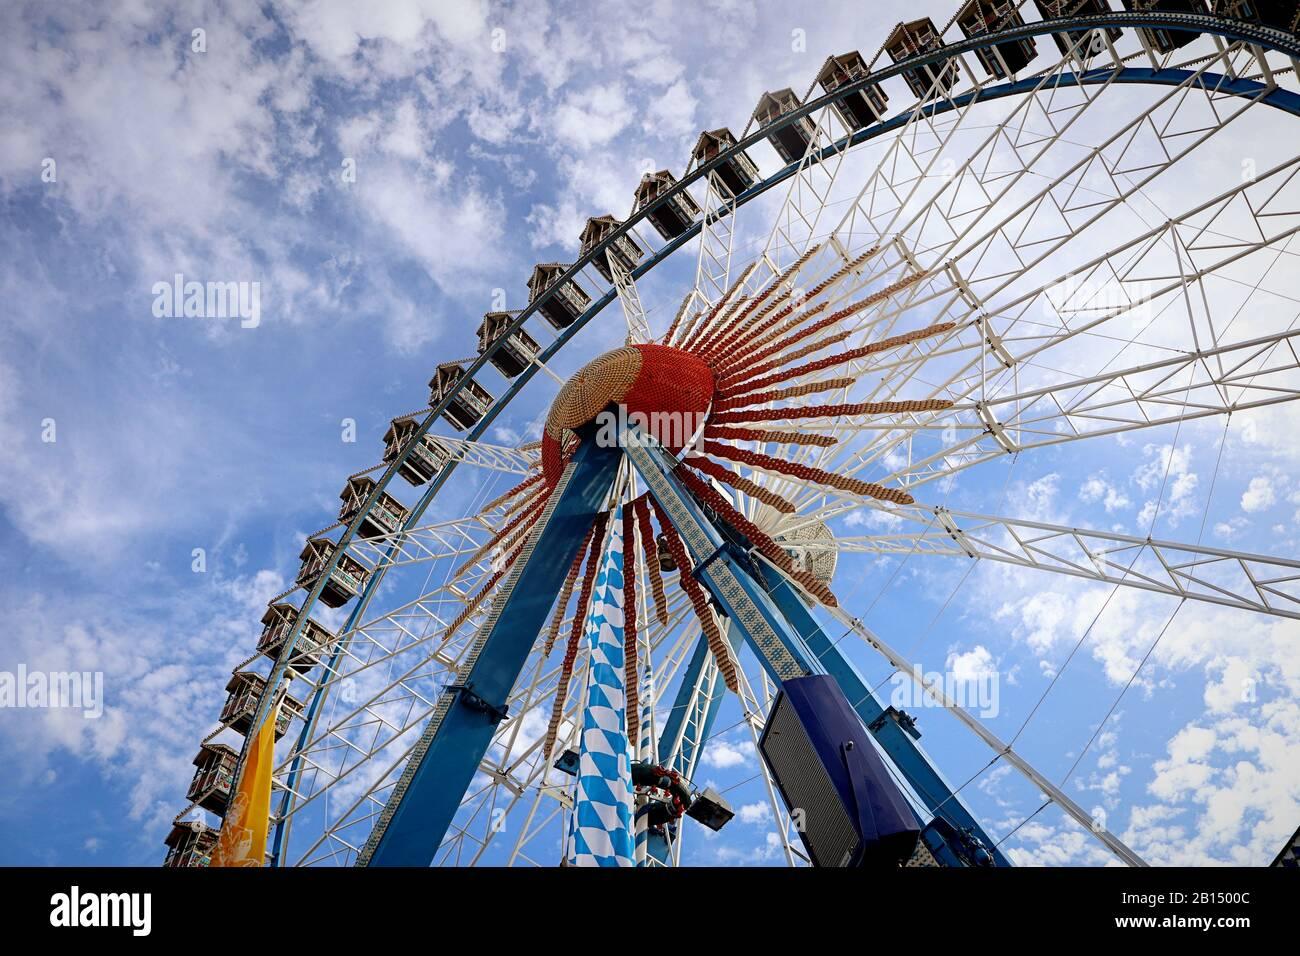 Munich, ALLEMAGNE - 1 OCTOBRE 2019 Grande roue de ferris avec des stands de style bavarois à l'Oktoberfest à Munich Banque D'Images